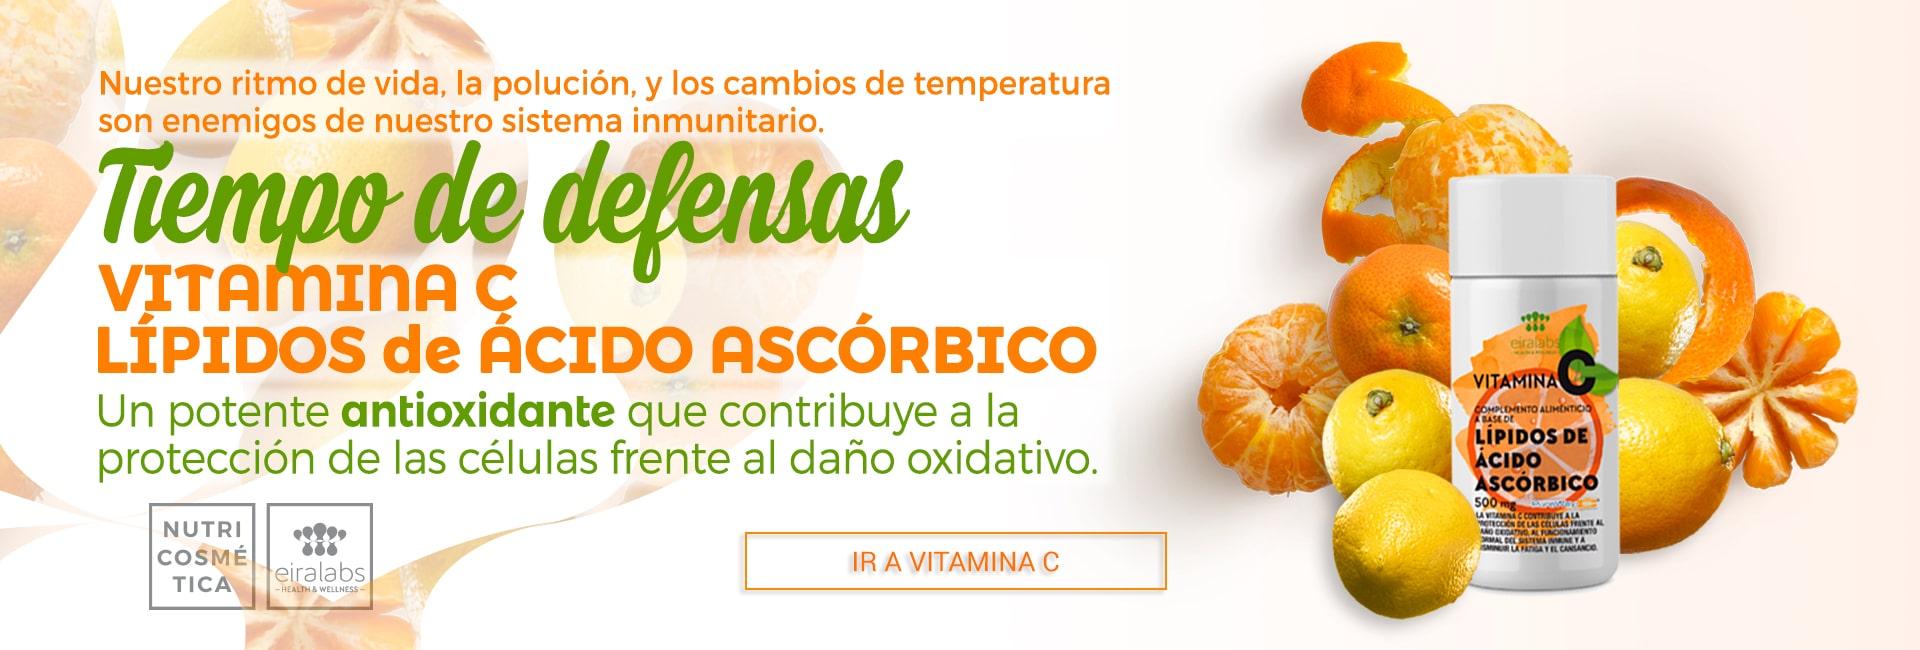 vitaminaC-tiempo-de-defensas-2020